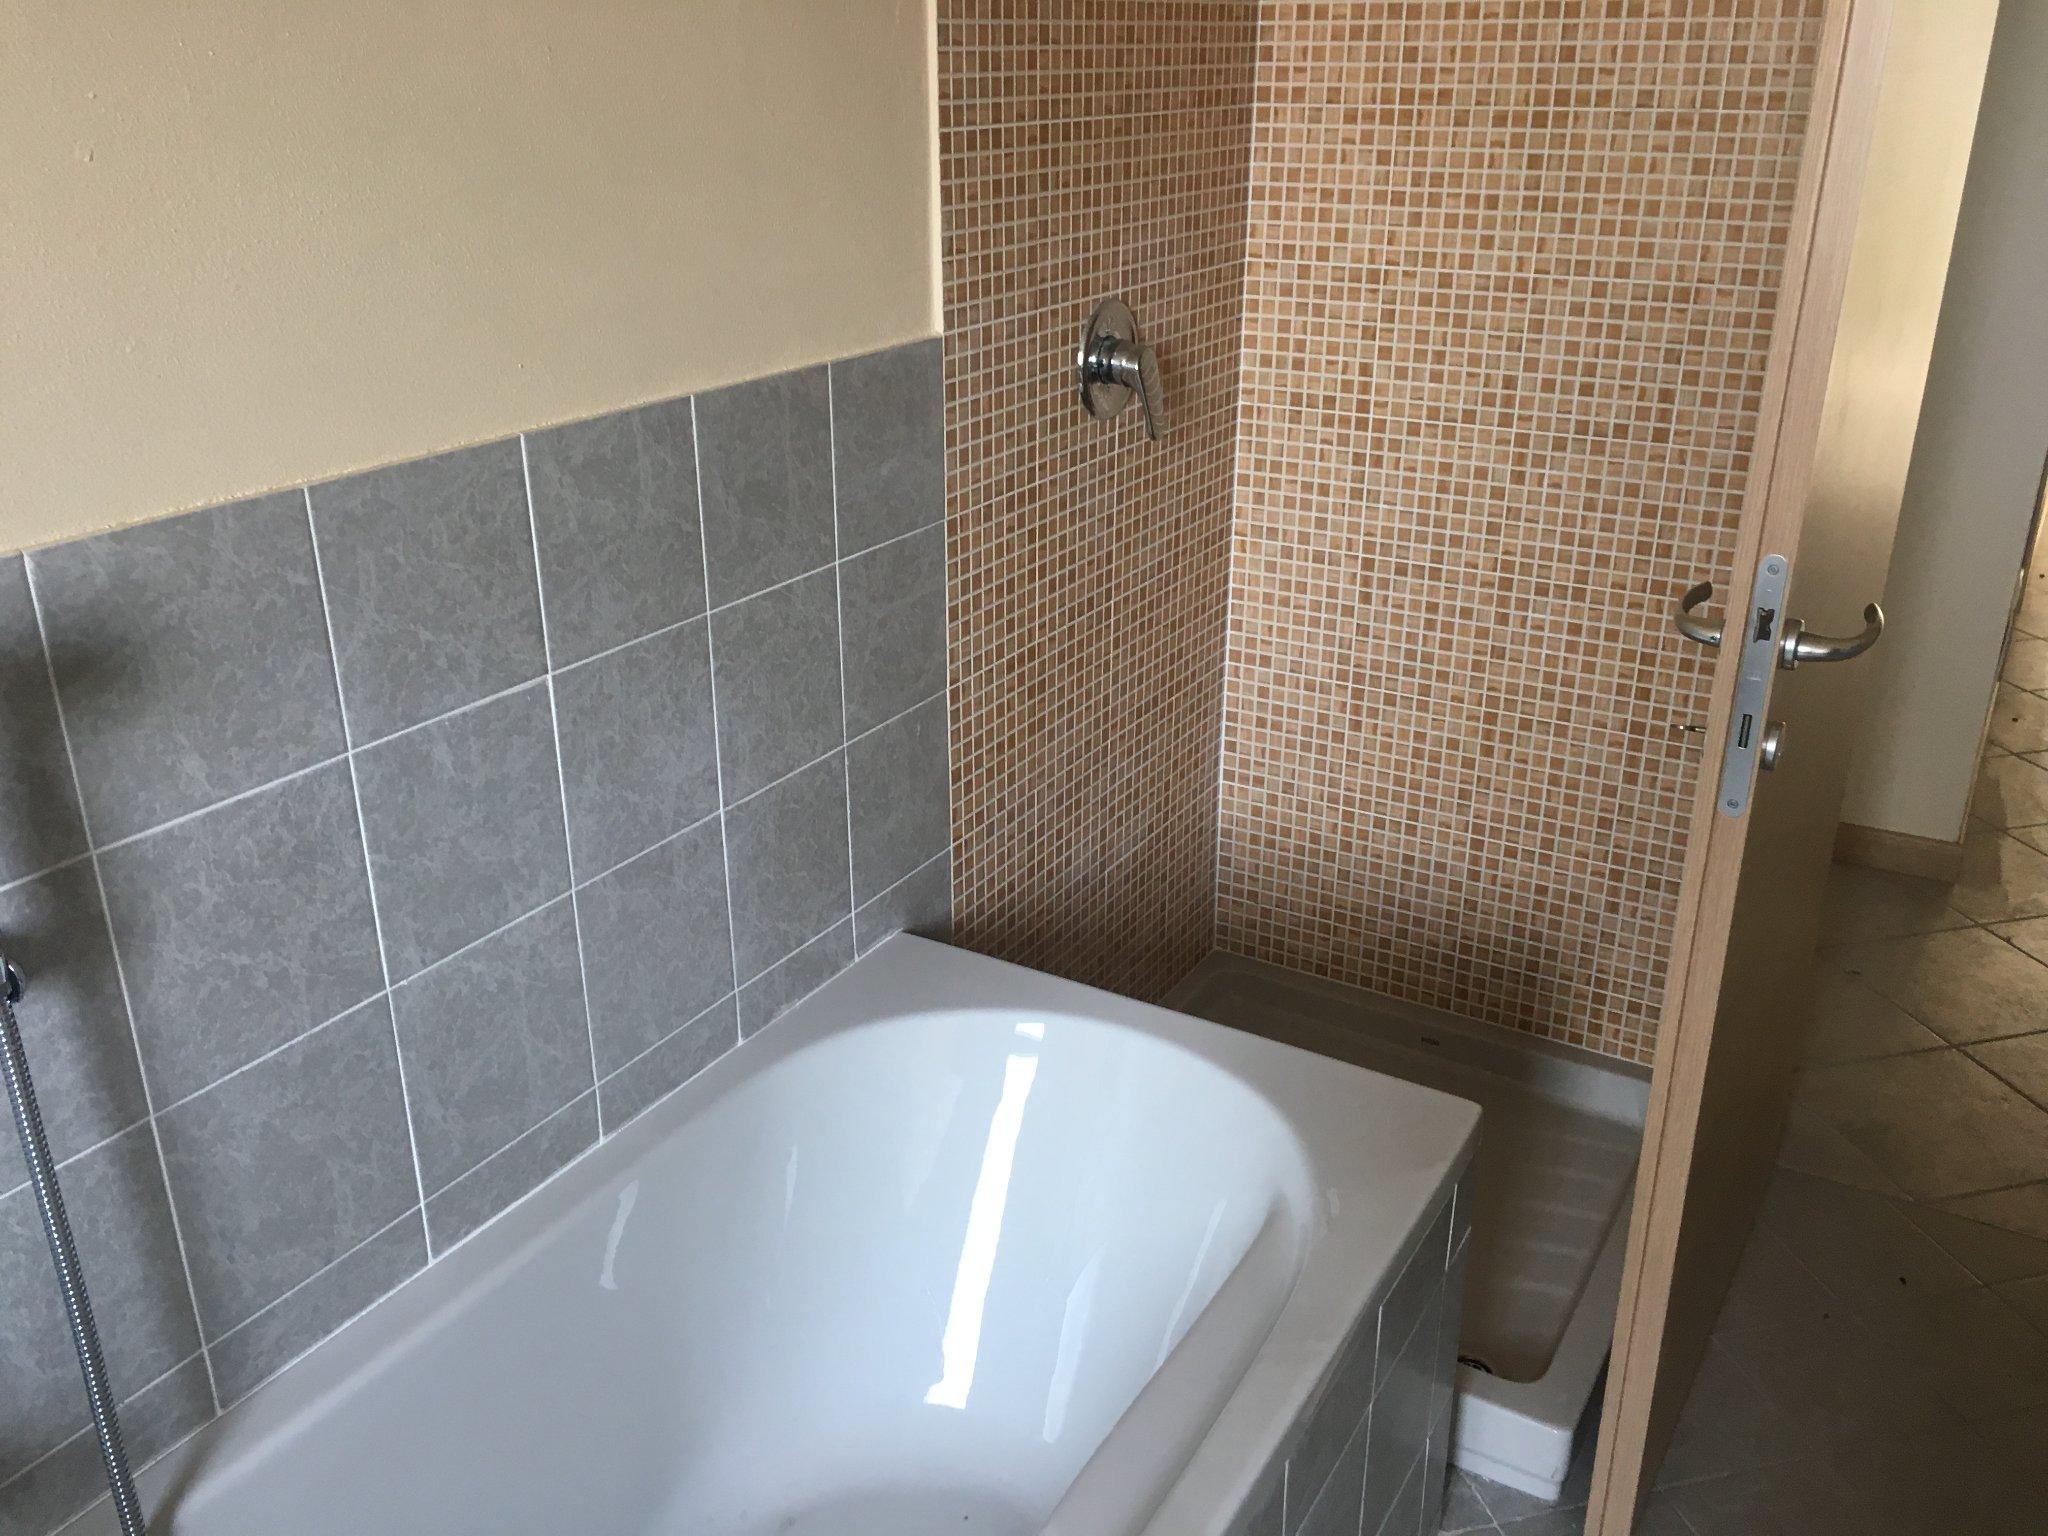 Togliere vasca da bagno e posa doccia instapro - Togliere piastrelle bagno ...